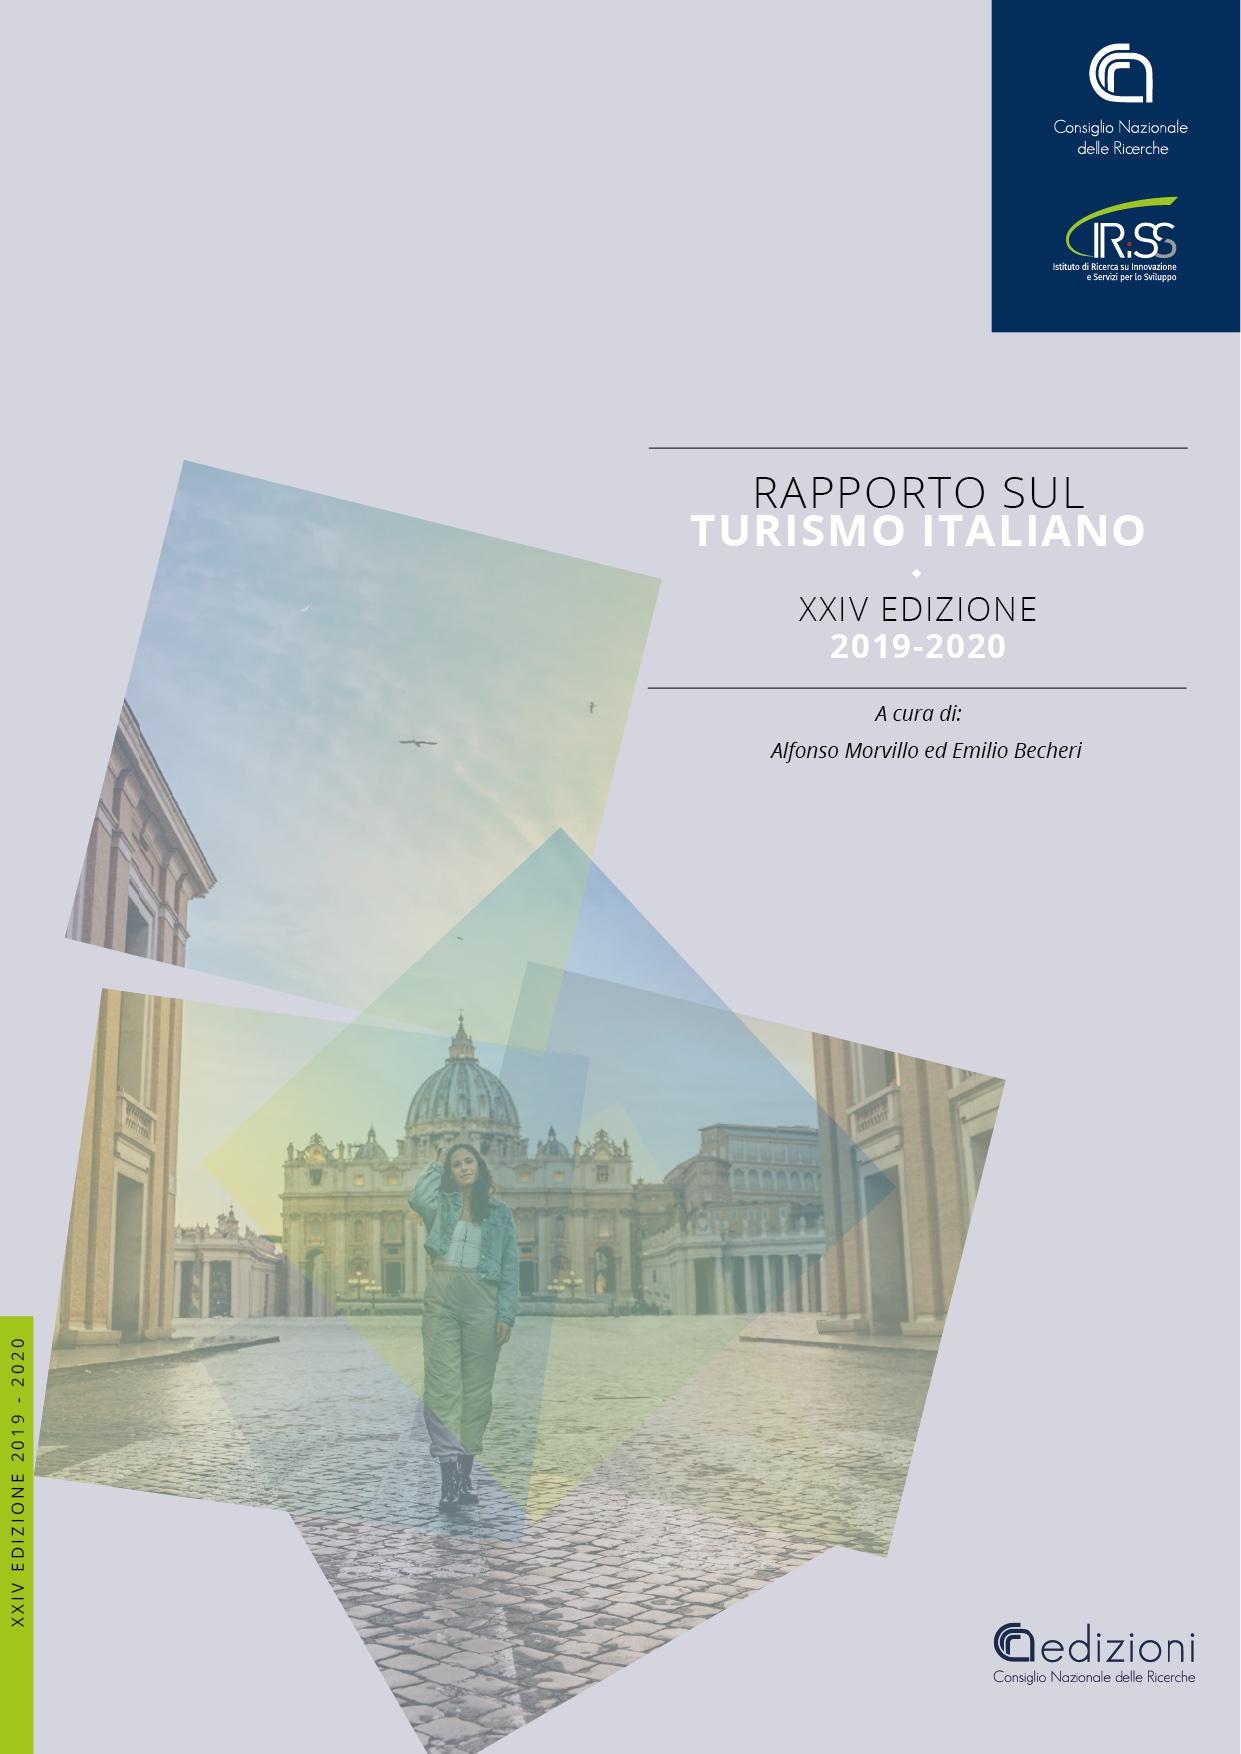 Presentazione del Rapporto sul Turismo Italiano XXIV Edizione 2019-2020